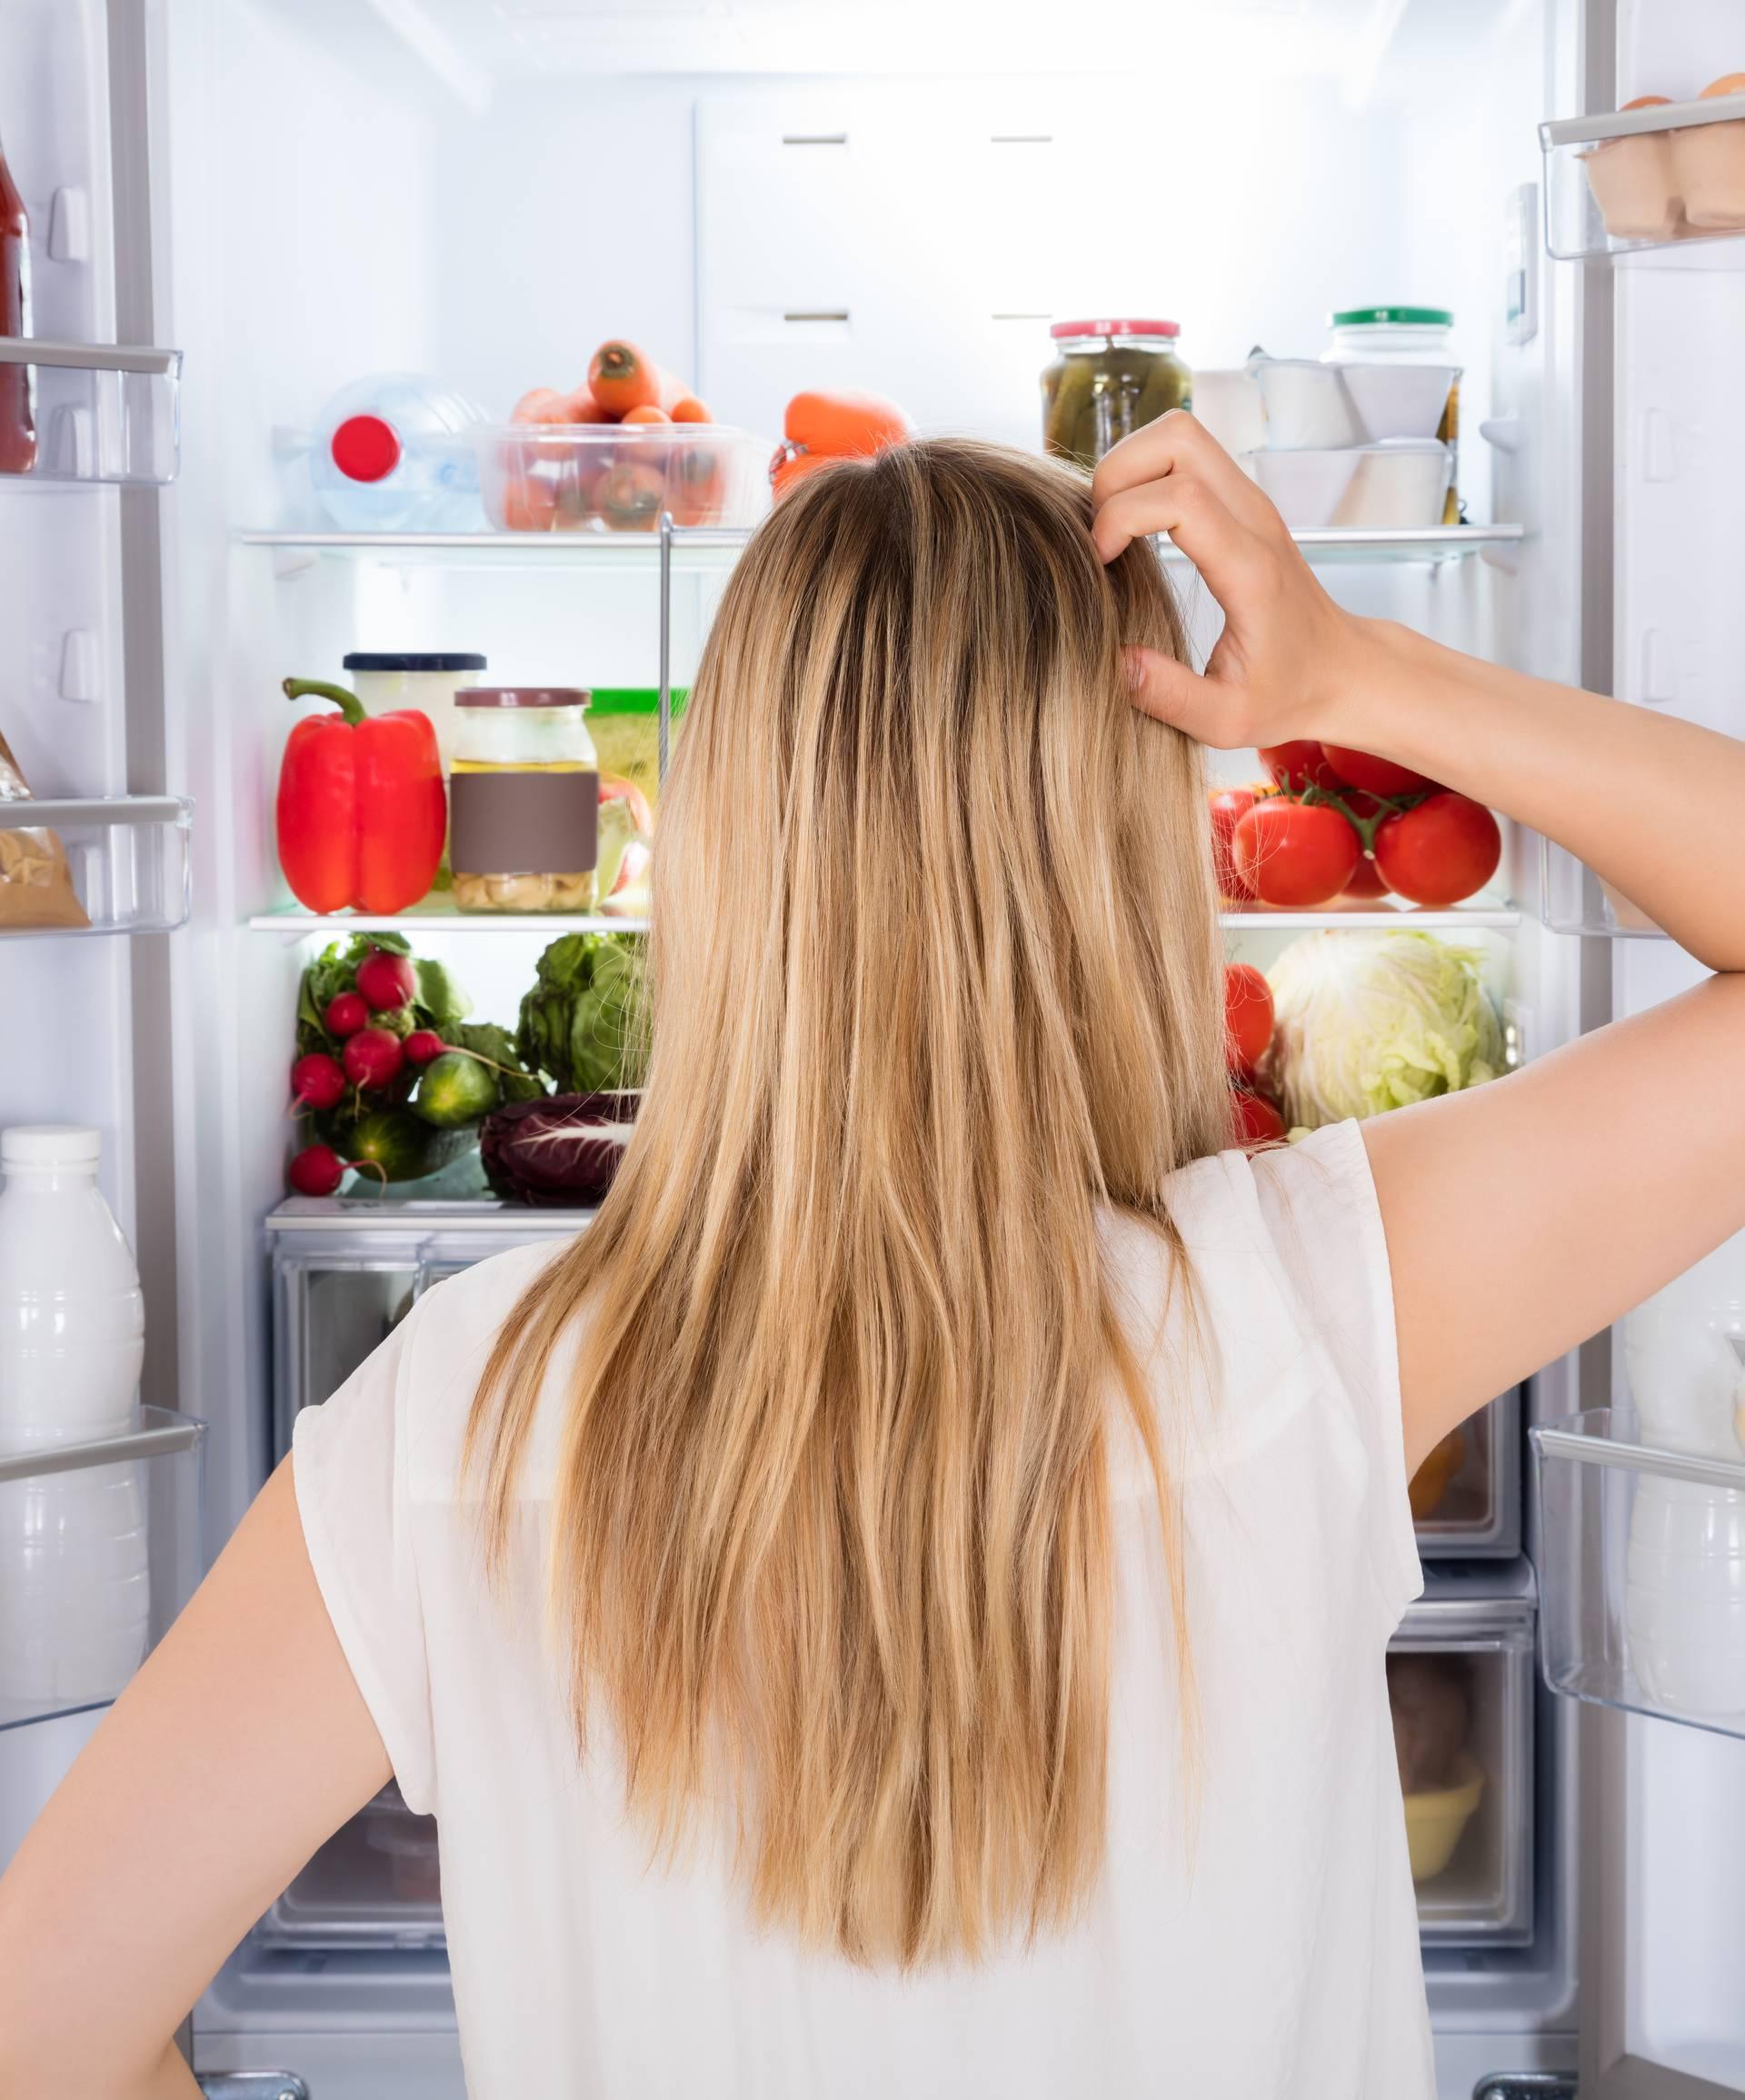 Znate li zašto jedemo nezdravu hranu kada nam nedostaje sna?